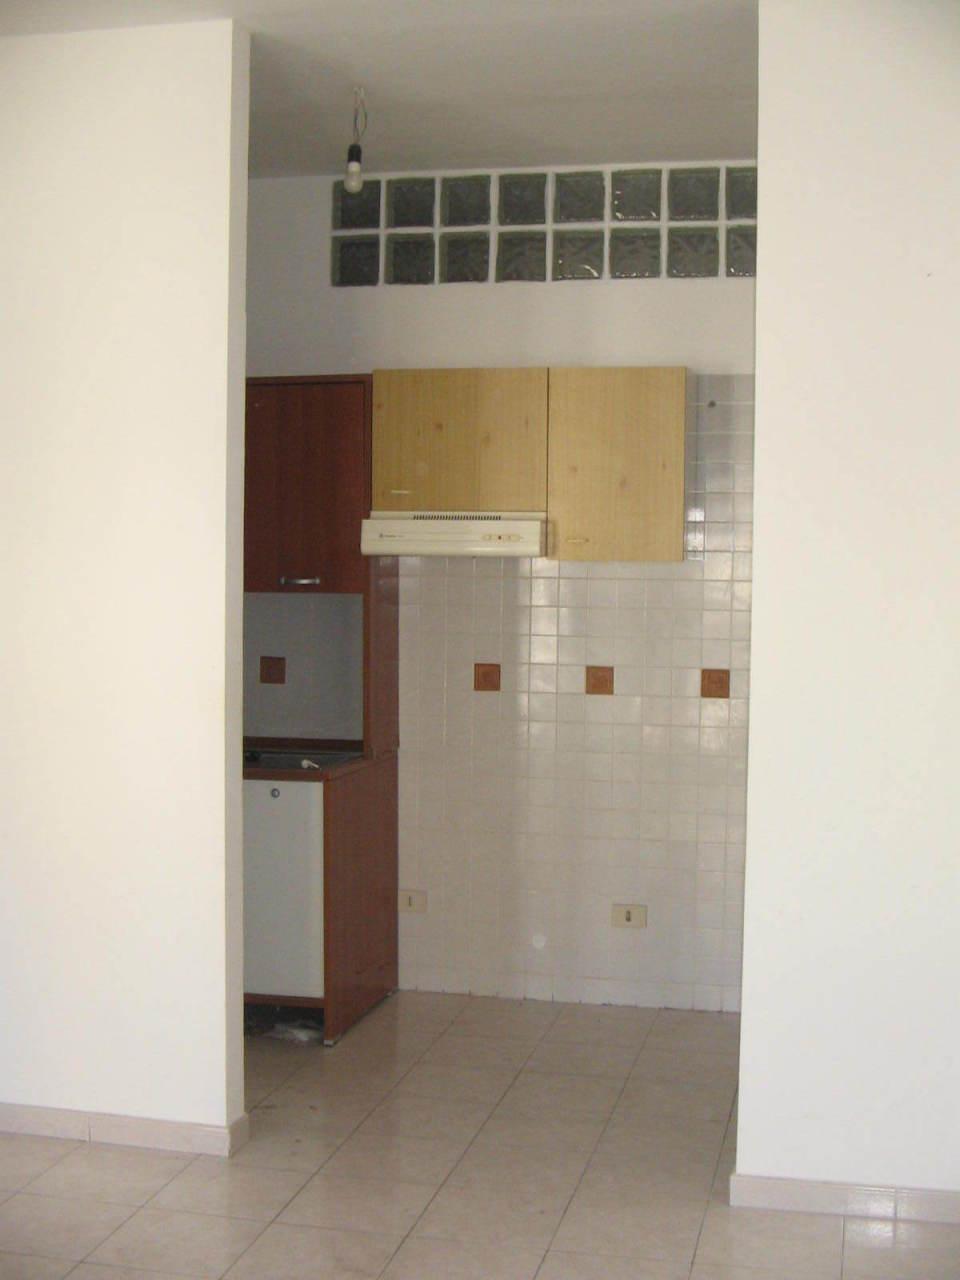 Appartamento - 1 vano letto a Centro, Orsogna